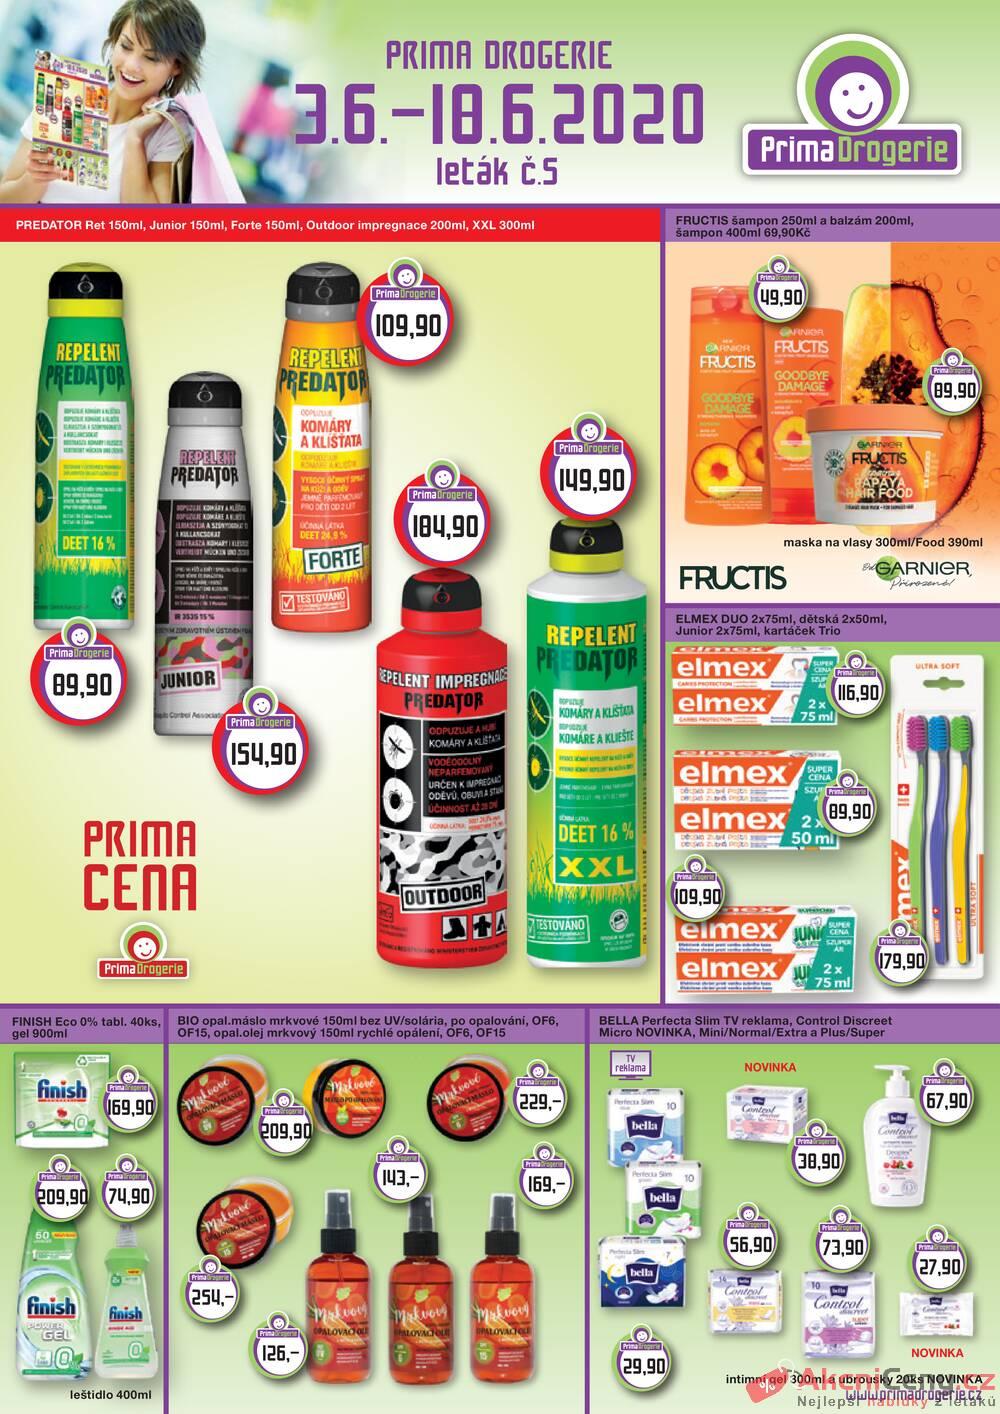 Leták Prima Drogerie - Prima drogerie  od 3.6. do 18.6.2020 - strana 1